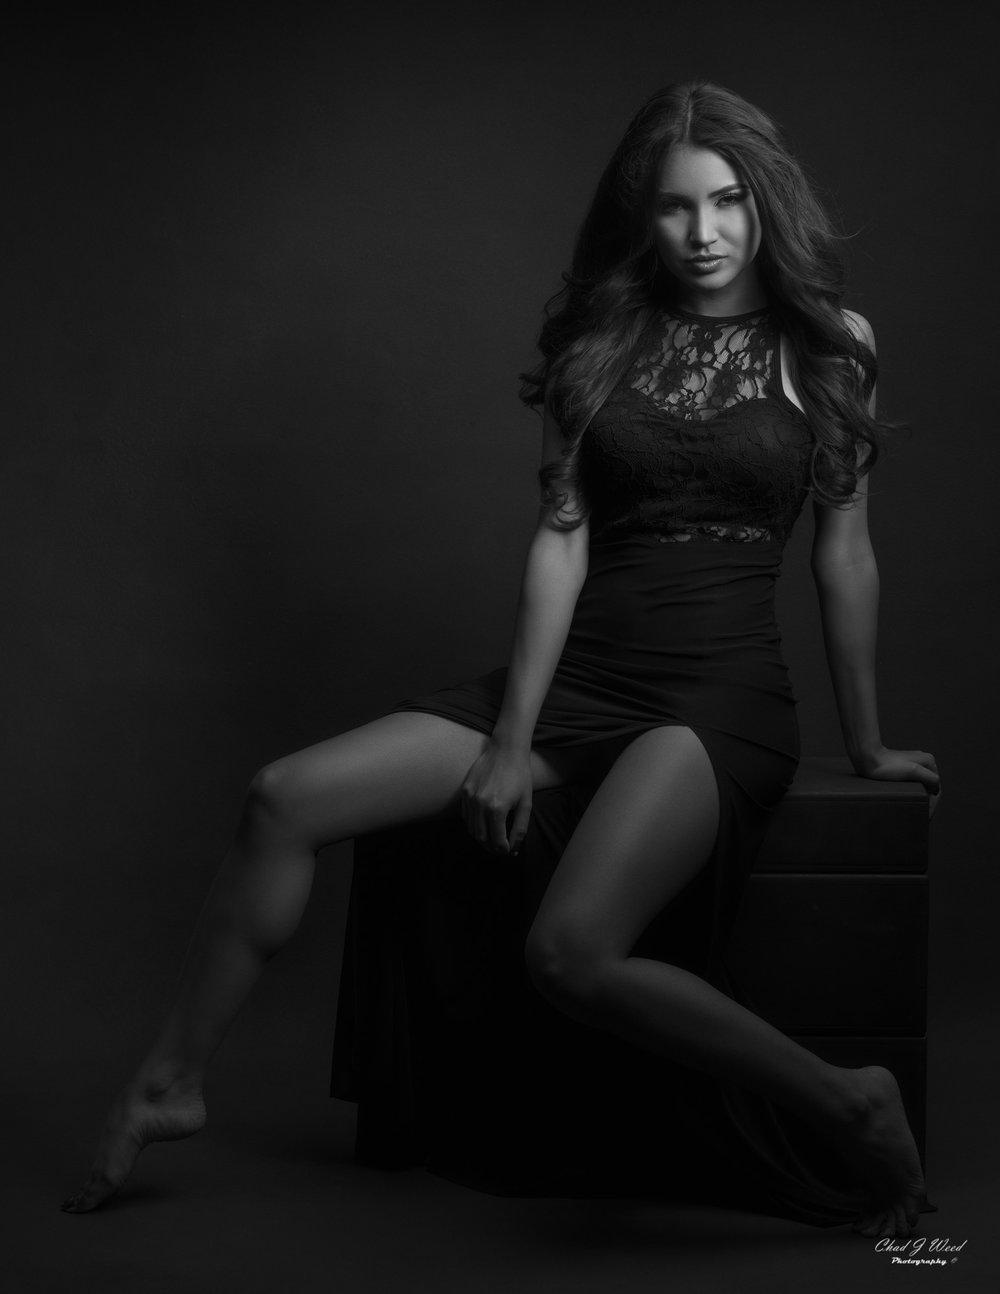 Chad Weed Mesa Arizona Glamour Photographer with Beauty Model Zari